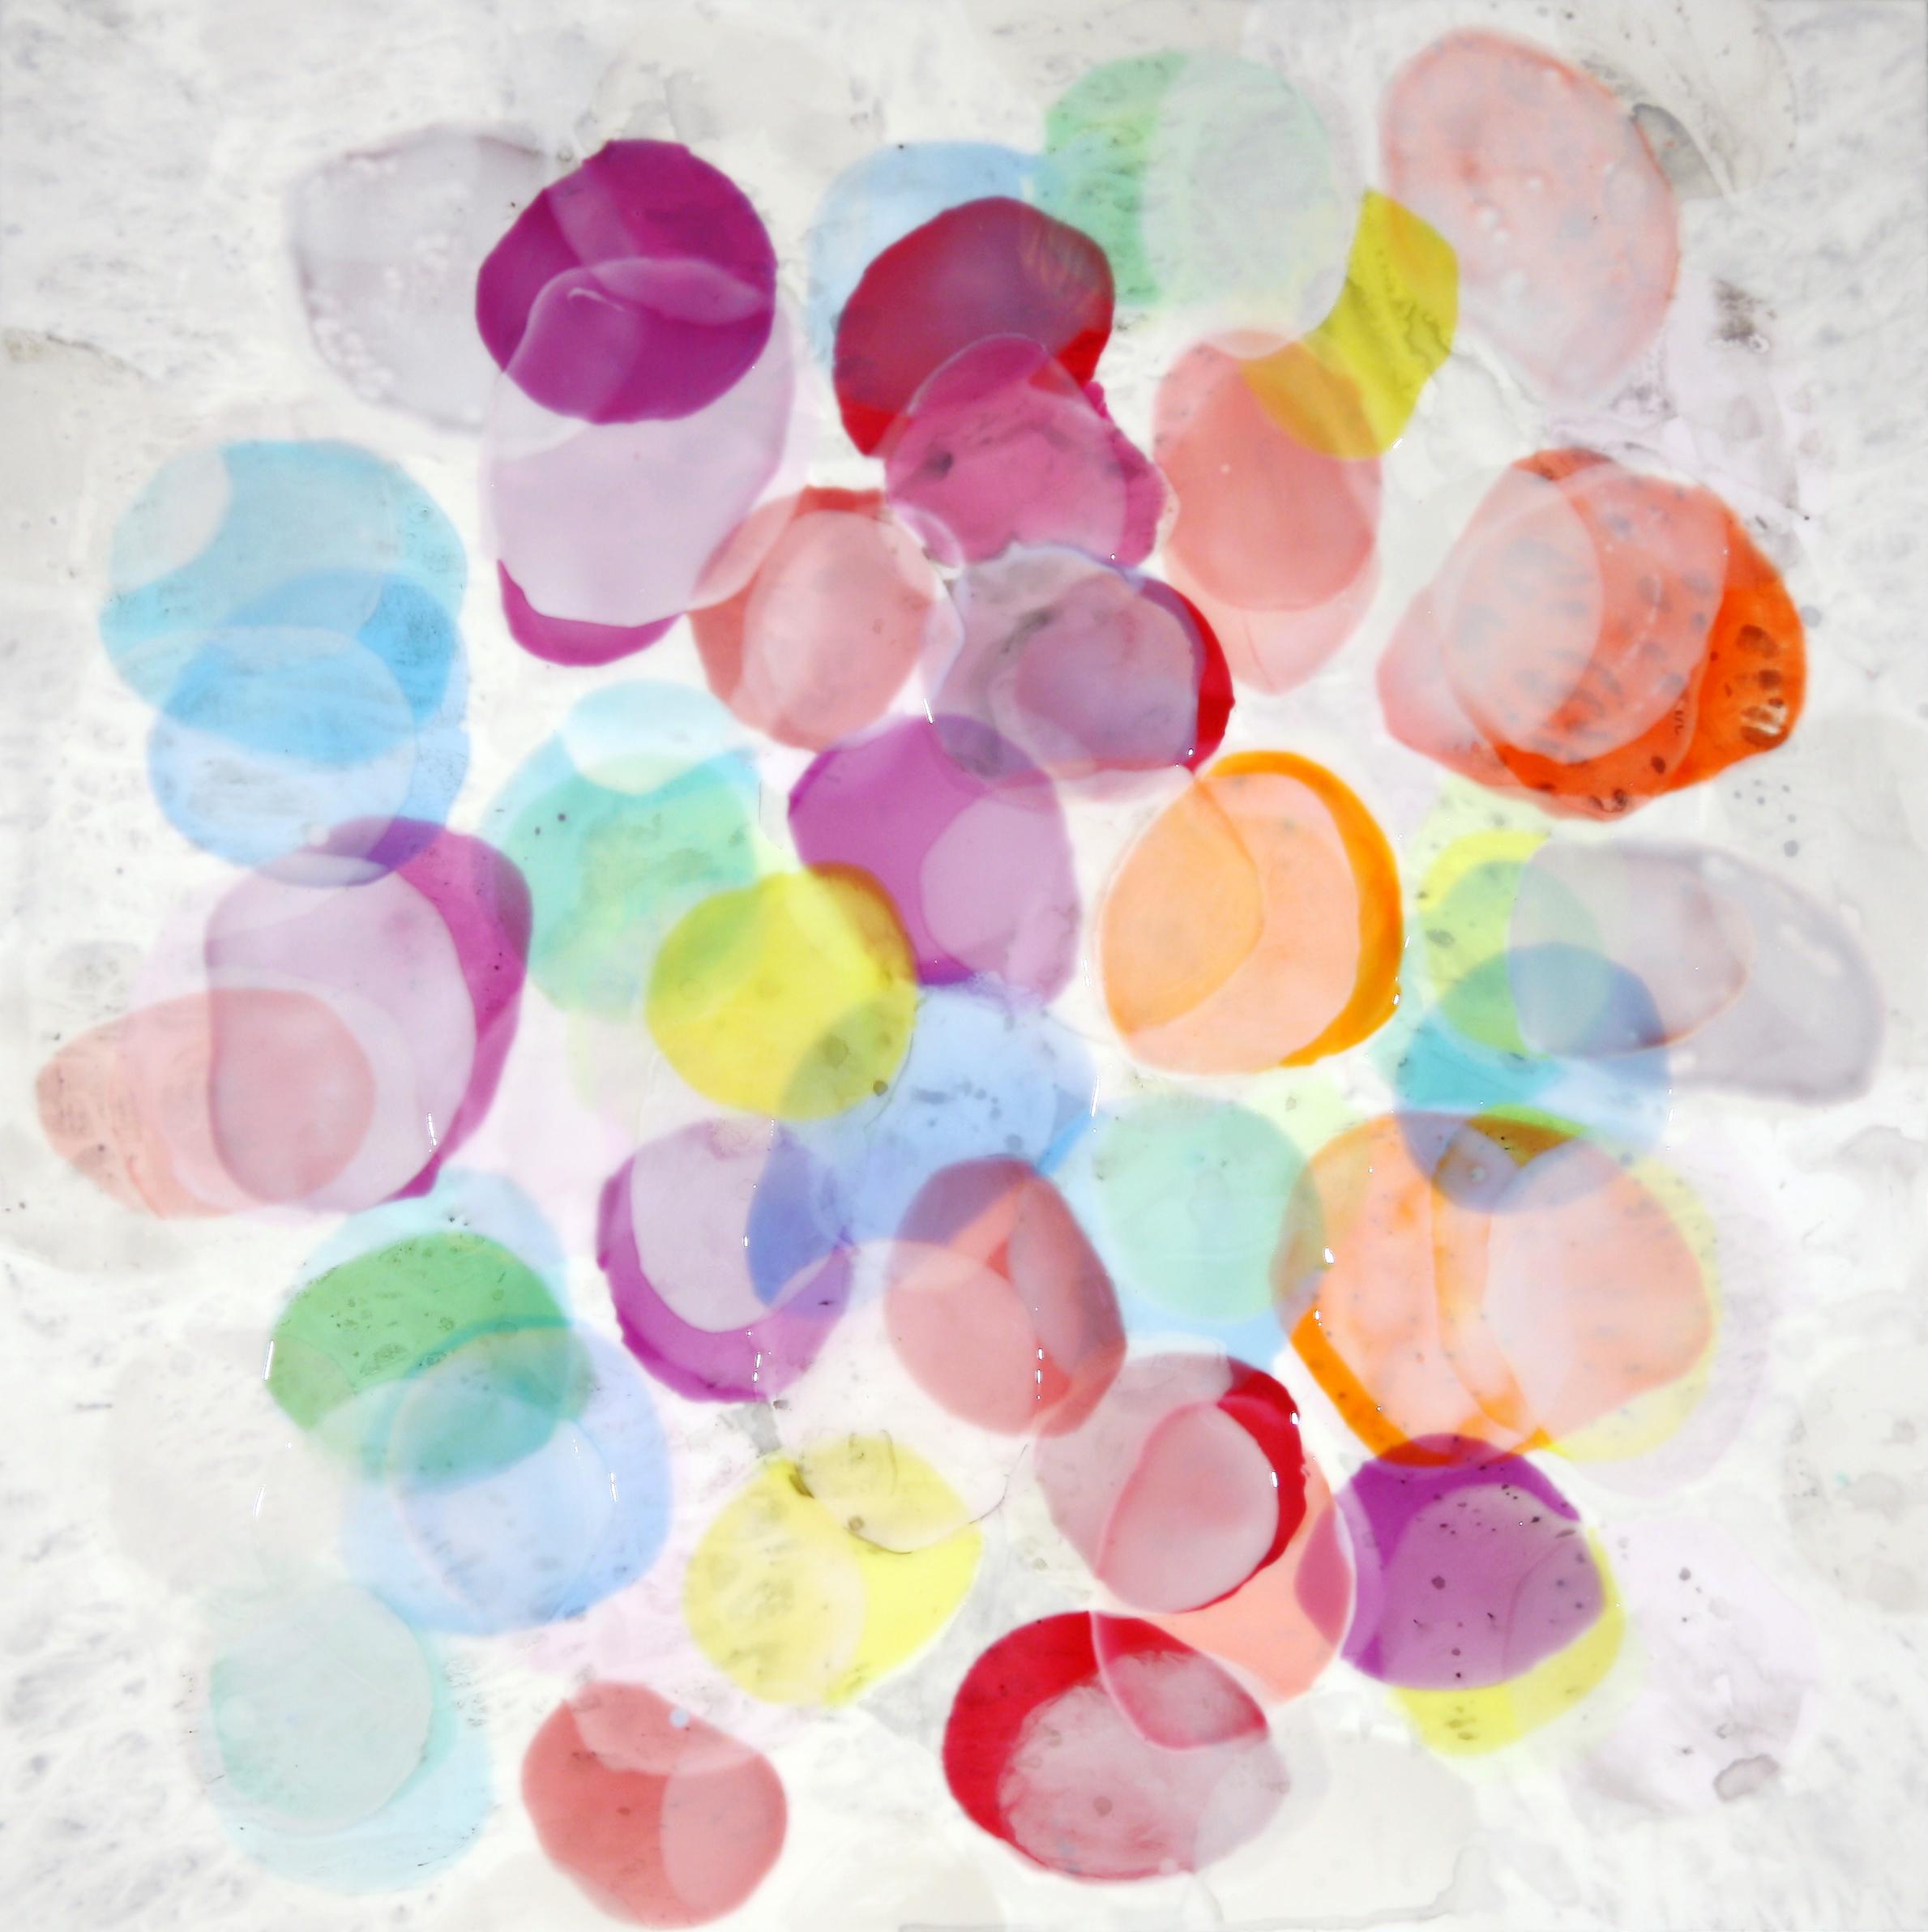 Abstract painting by Farida Hughes